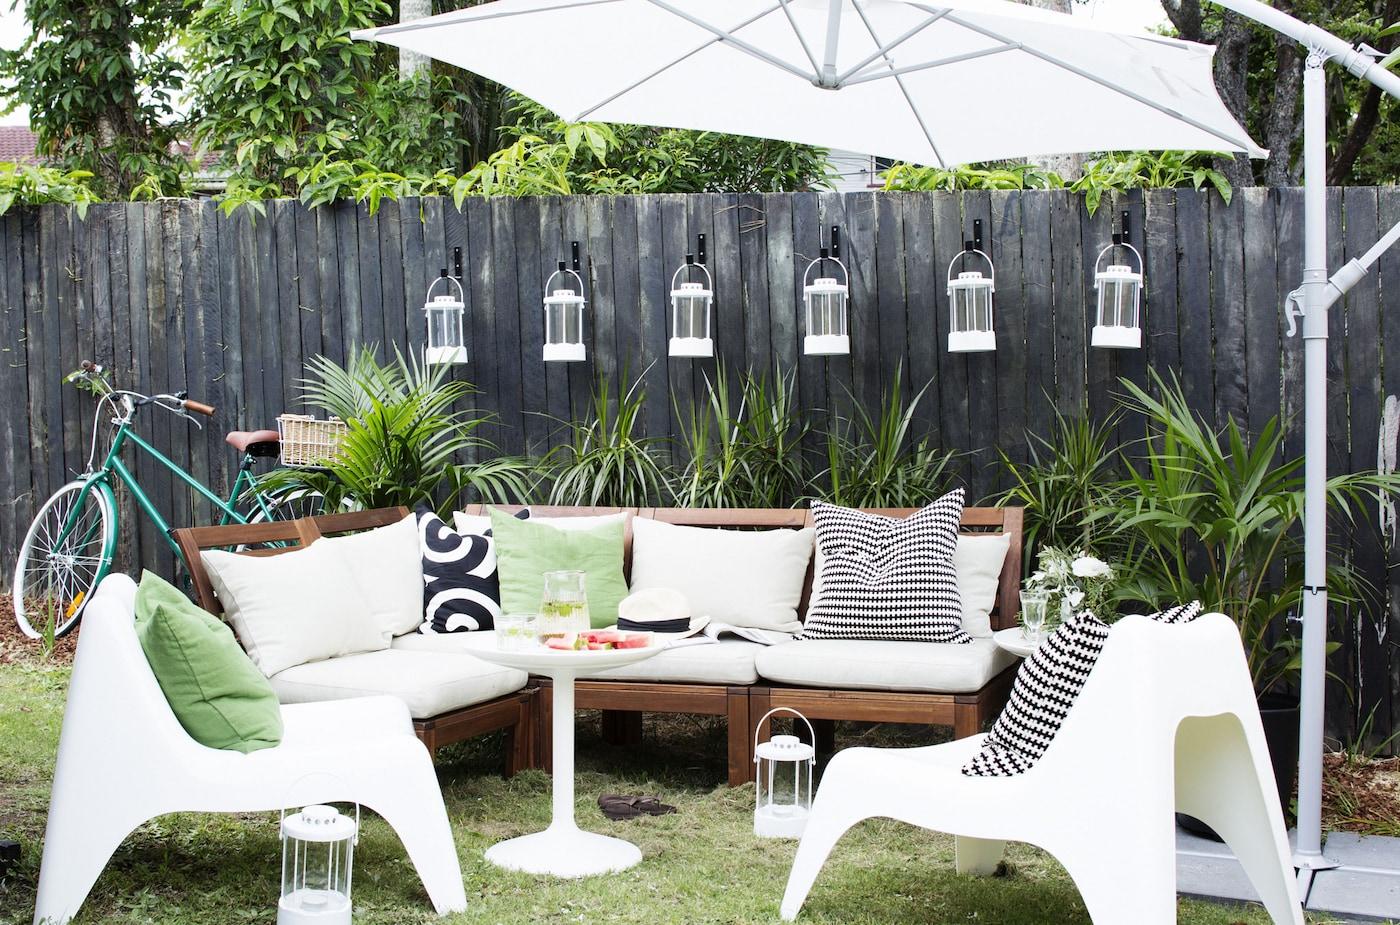 Gemütliche Sitzecke im Freien für Gäste mit IKEA Sesseln, Laternen, Kissen & Sonnenschirm.